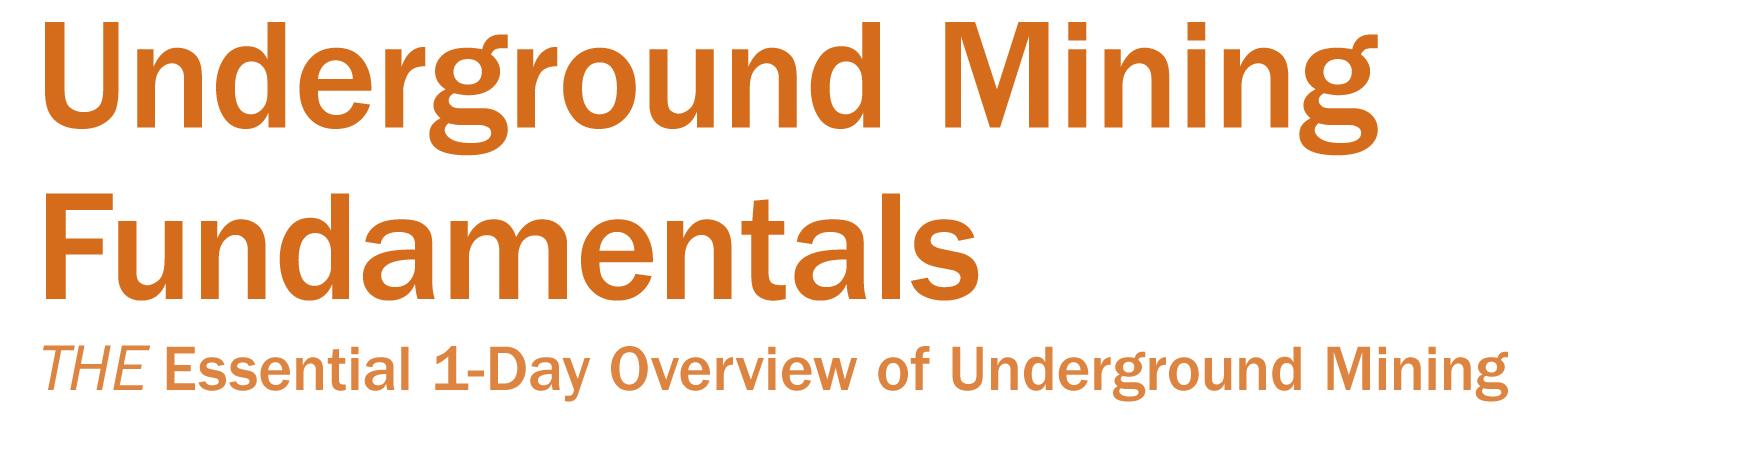 underground mining fundamentals